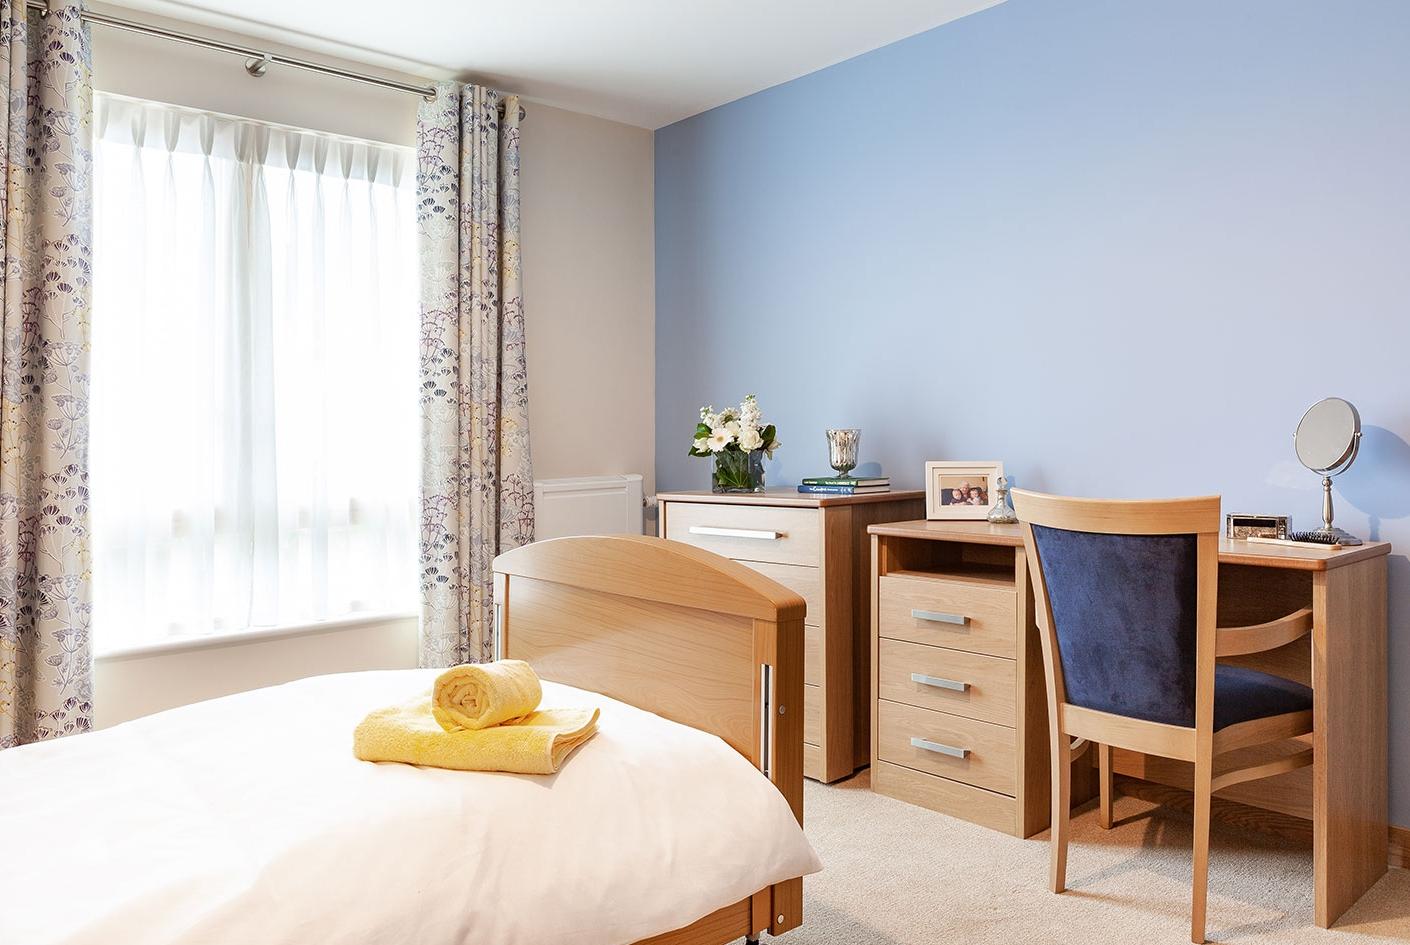 A Fairfield bedroom